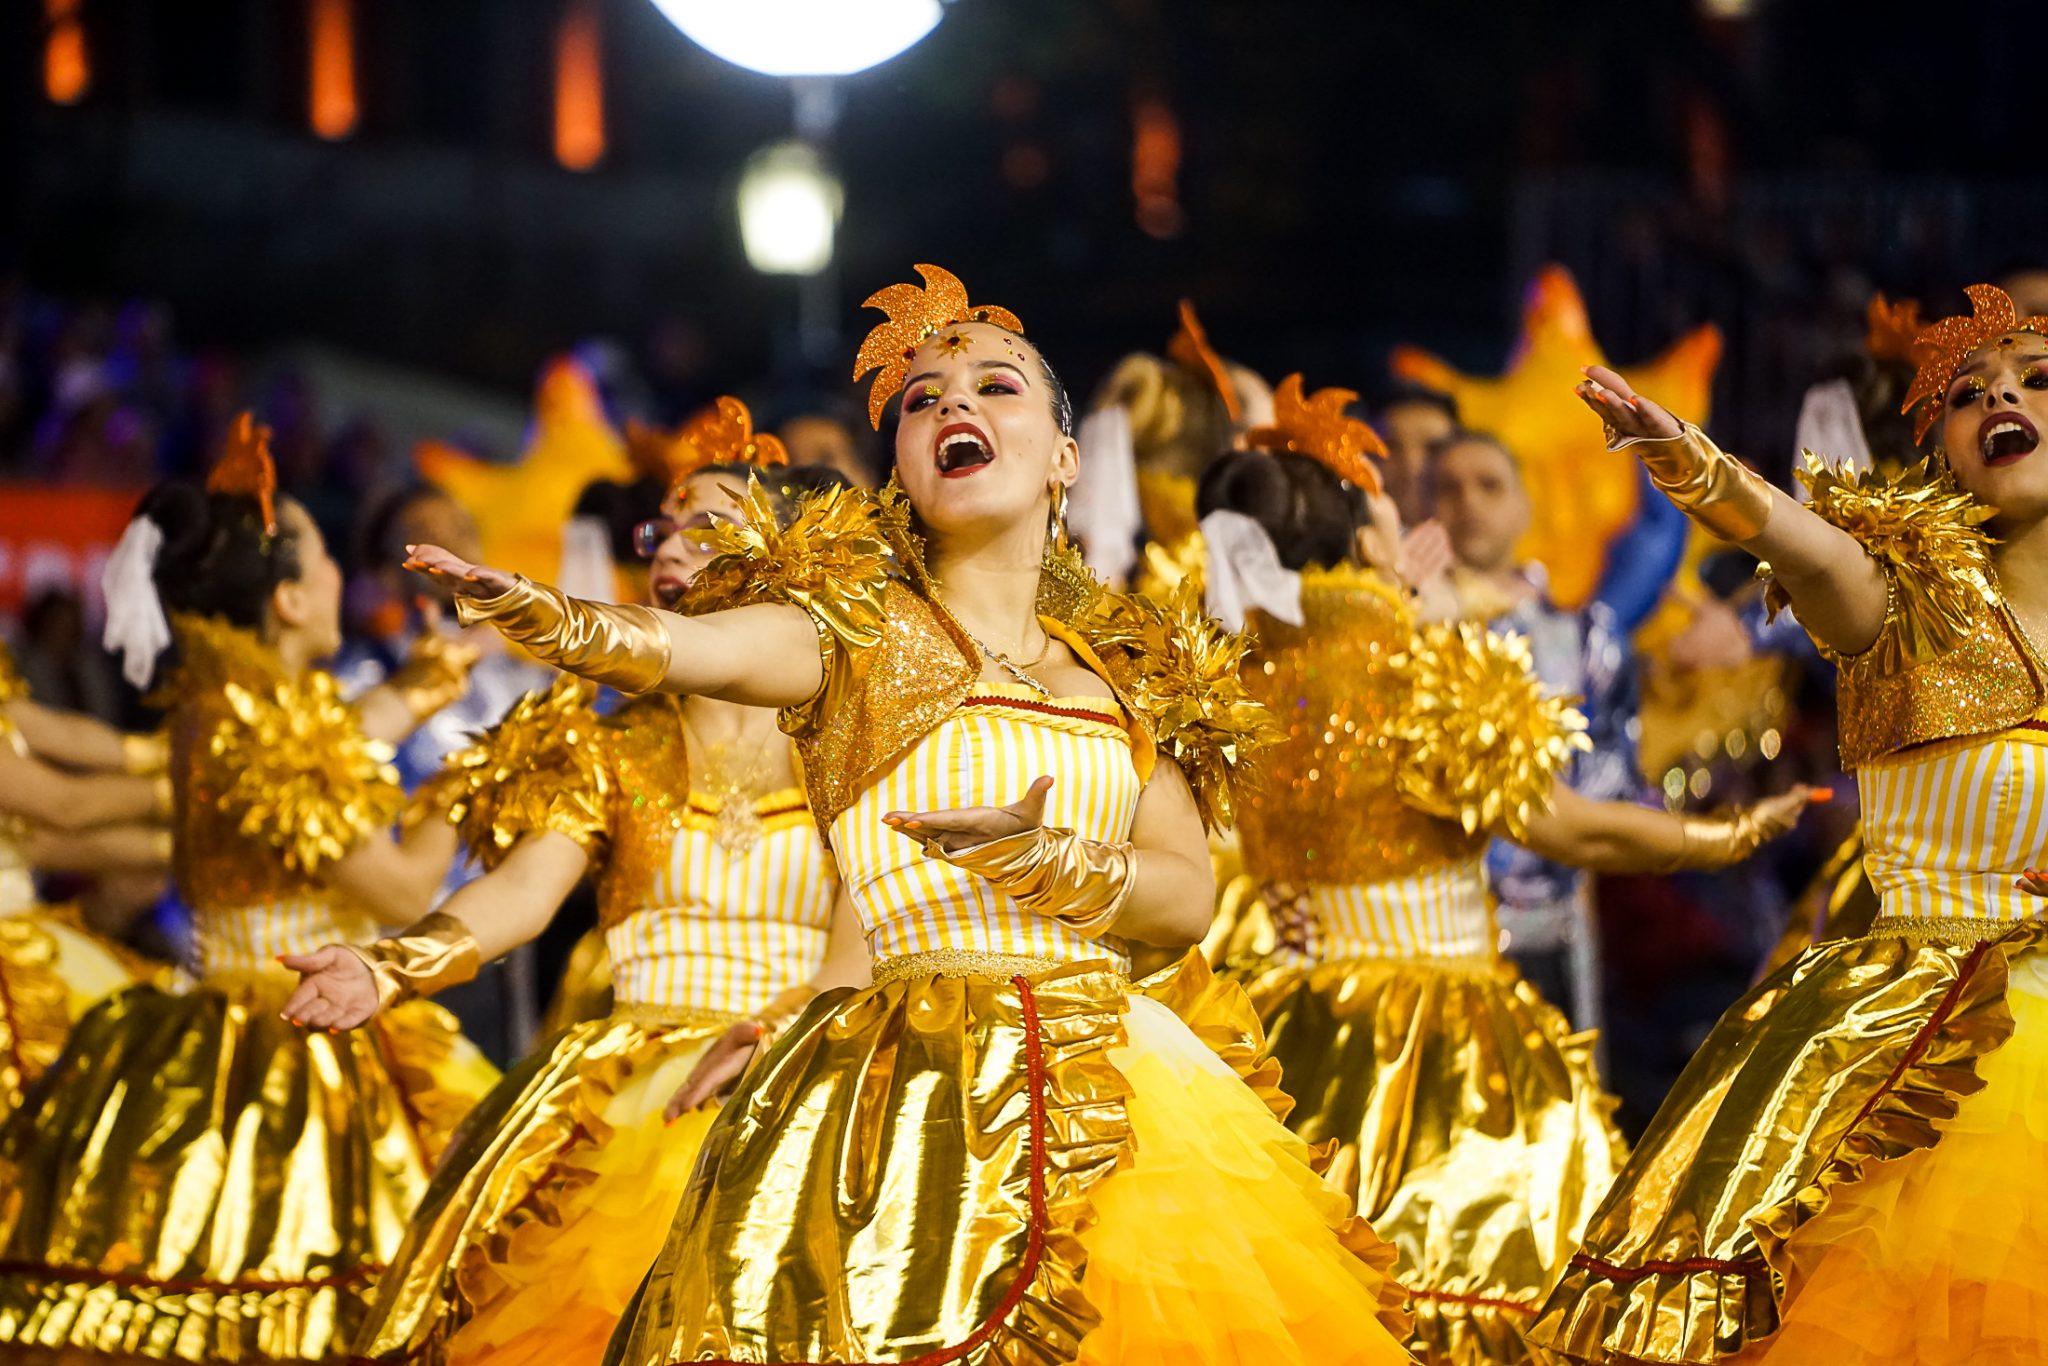 De frente para o observador, uma mulher com corpete e saia amarelos e dourados canta. Tem os braços virados para o lado esquerdo do observador